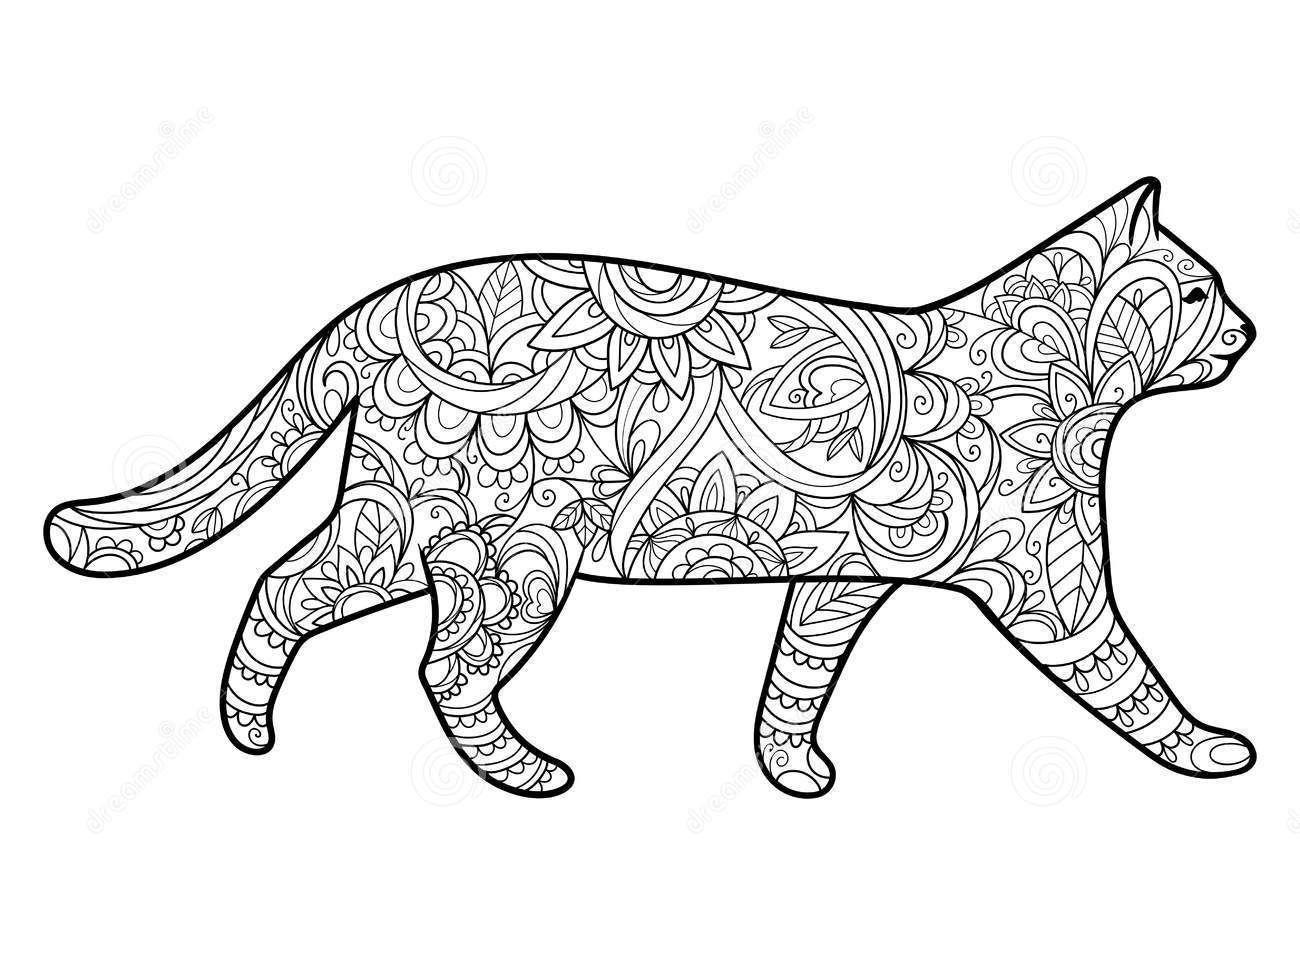 Mandala Mandala Boyama Mandala Calismasi Mandala Desenleri Mandalas Dibujos Mandala Art Mandala Art Cat Kedi Gato Mandala Art Mandala Kedi